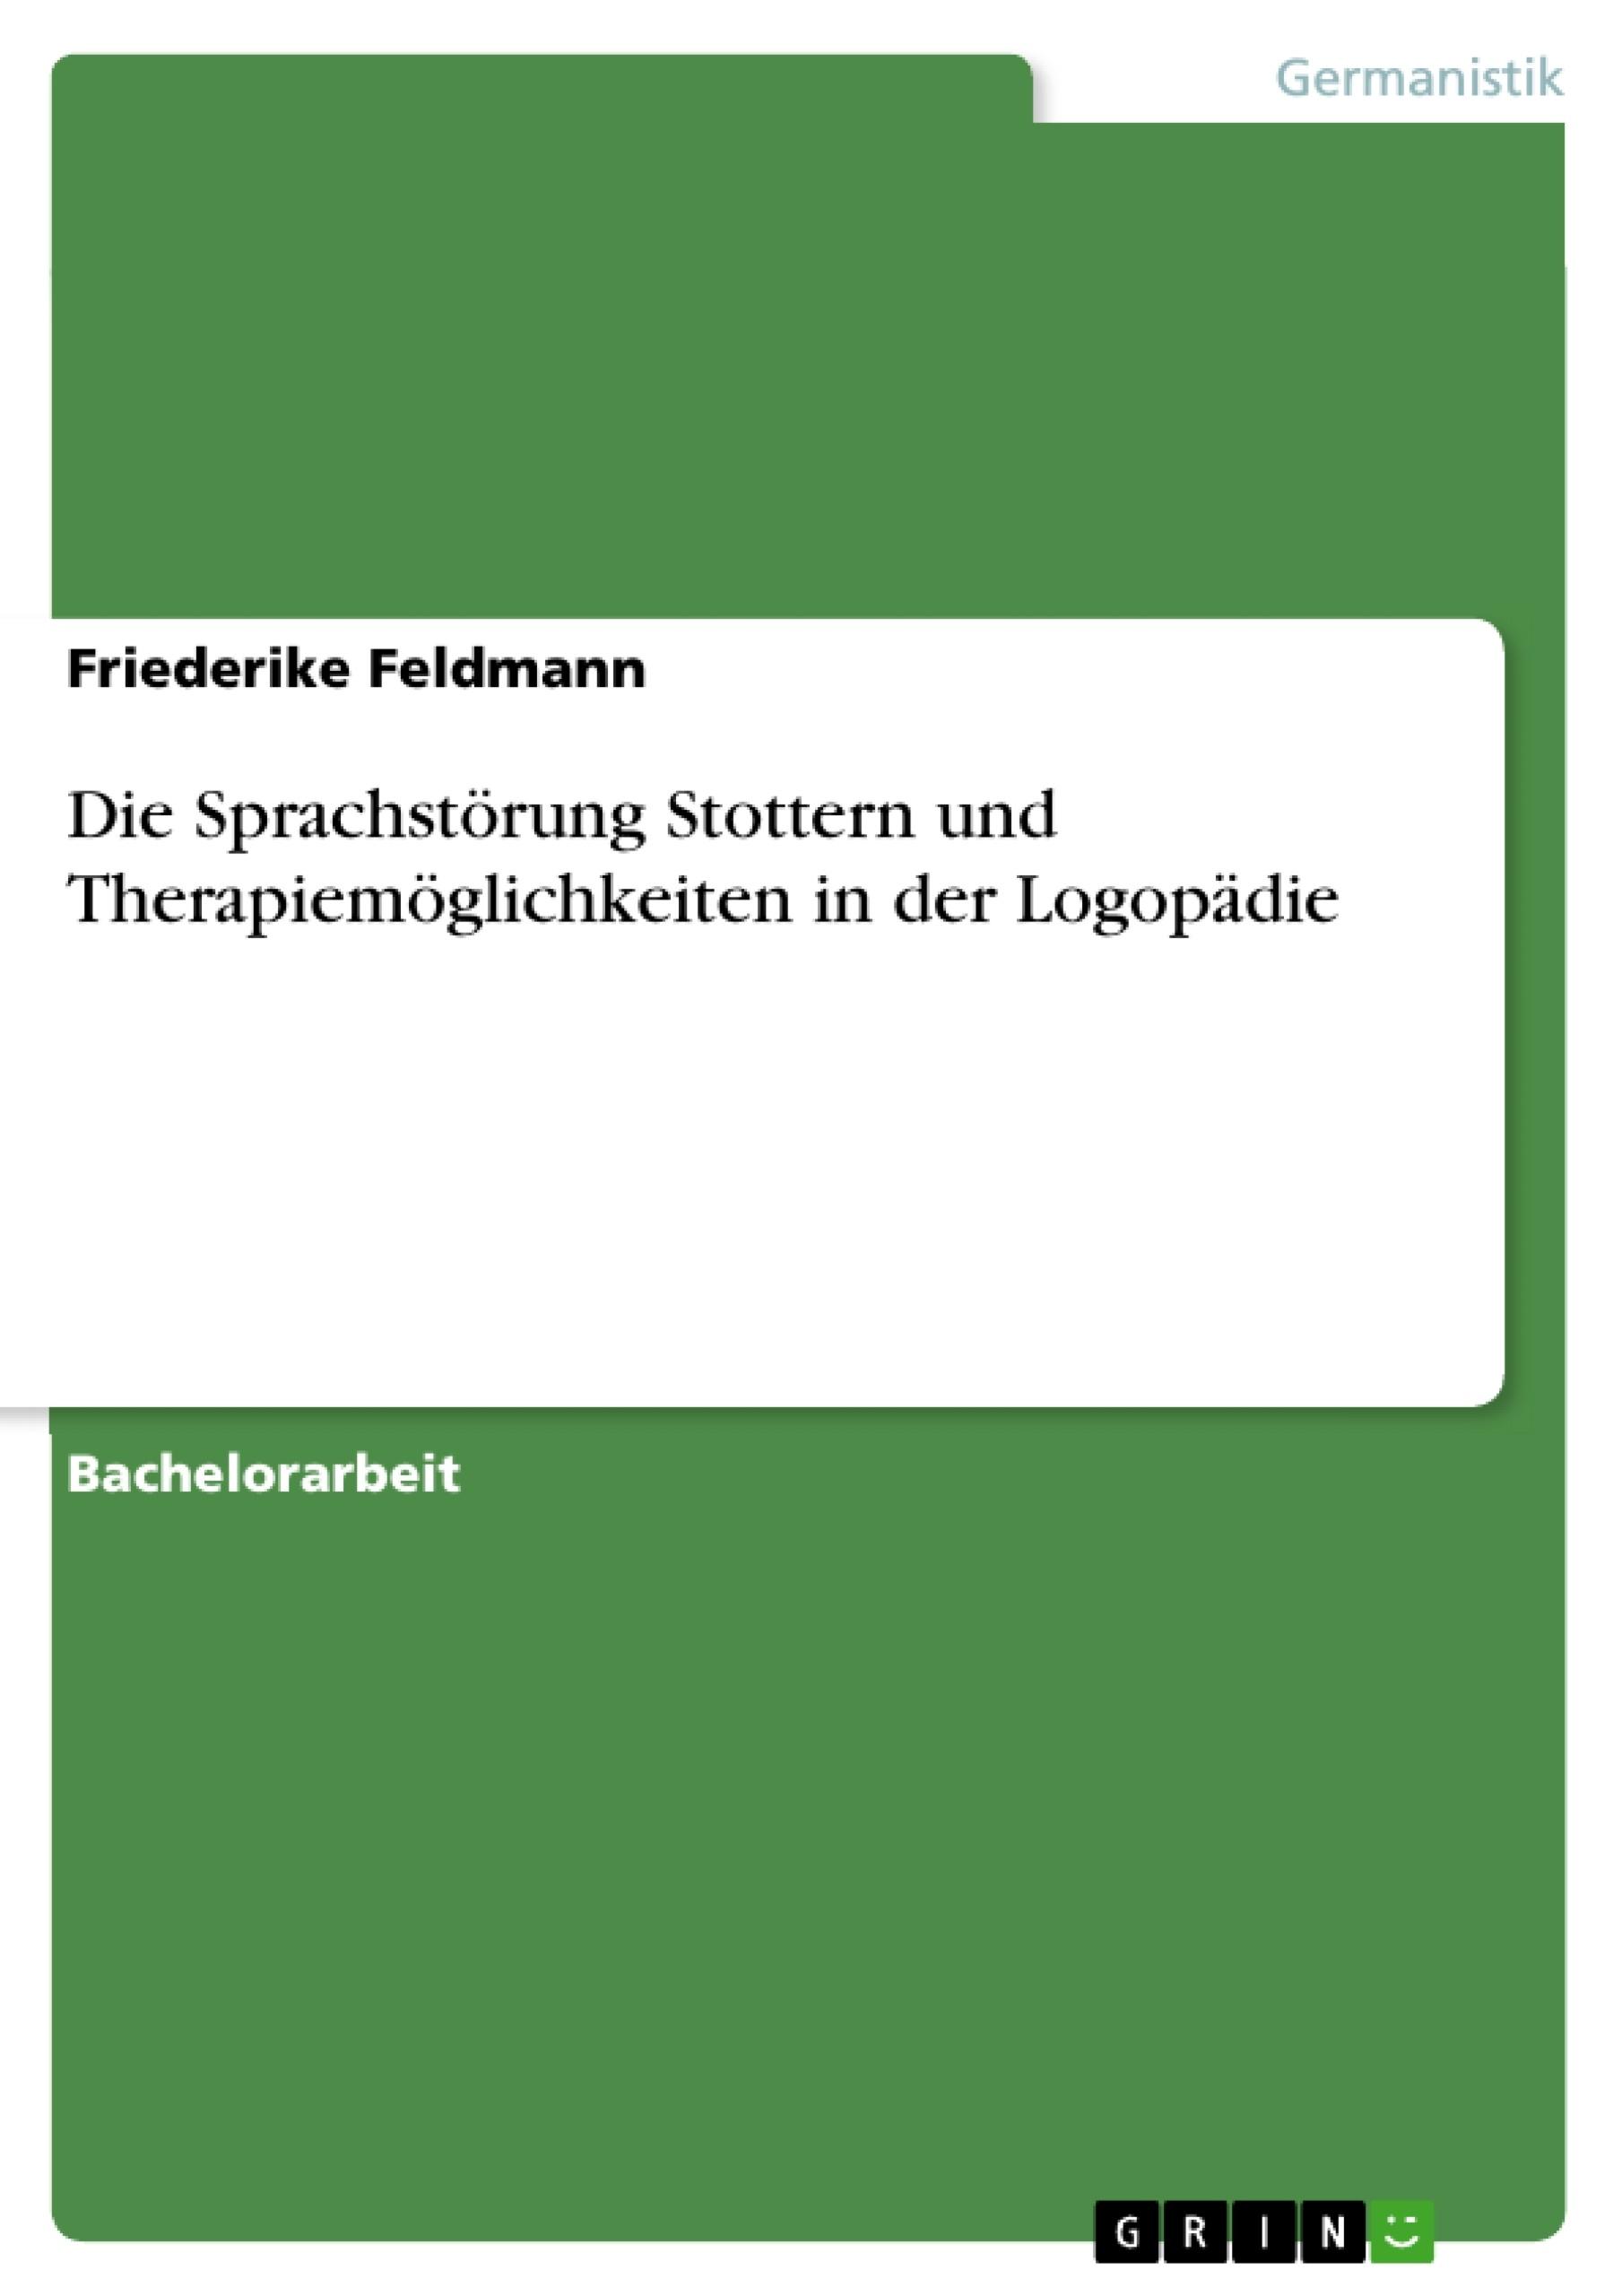 Titel: Die Sprachstörung Stottern und Therapiemöglichkeiten in der Logopädie